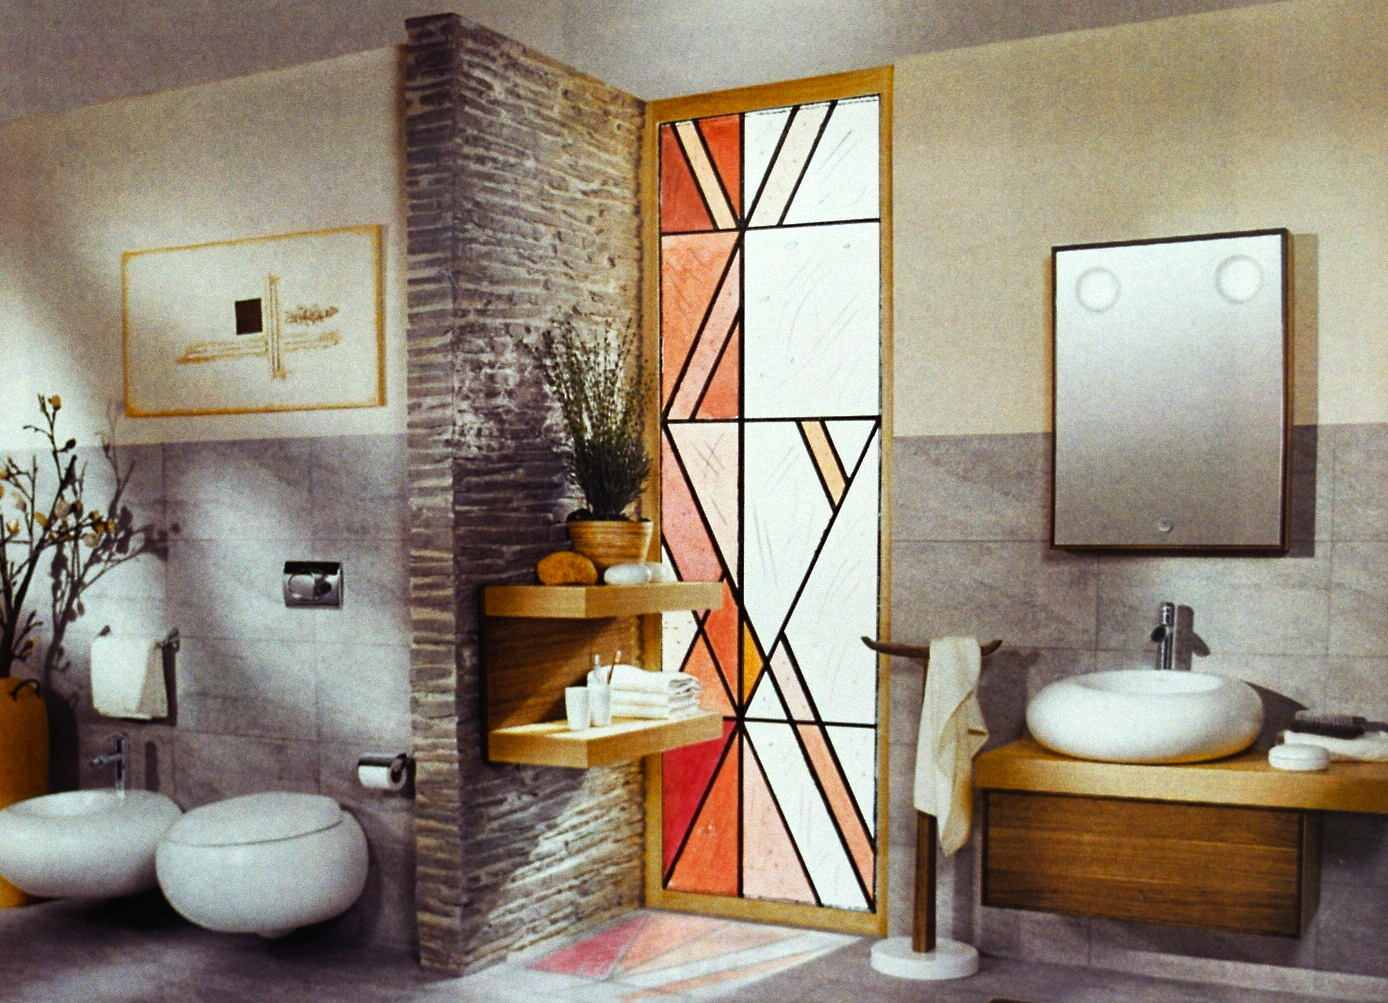 architektur mit glaskunst martin halter bern glaskunst akzente im wellnessbereich badezimmer. Black Bedroom Furniture Sets. Home Design Ideas